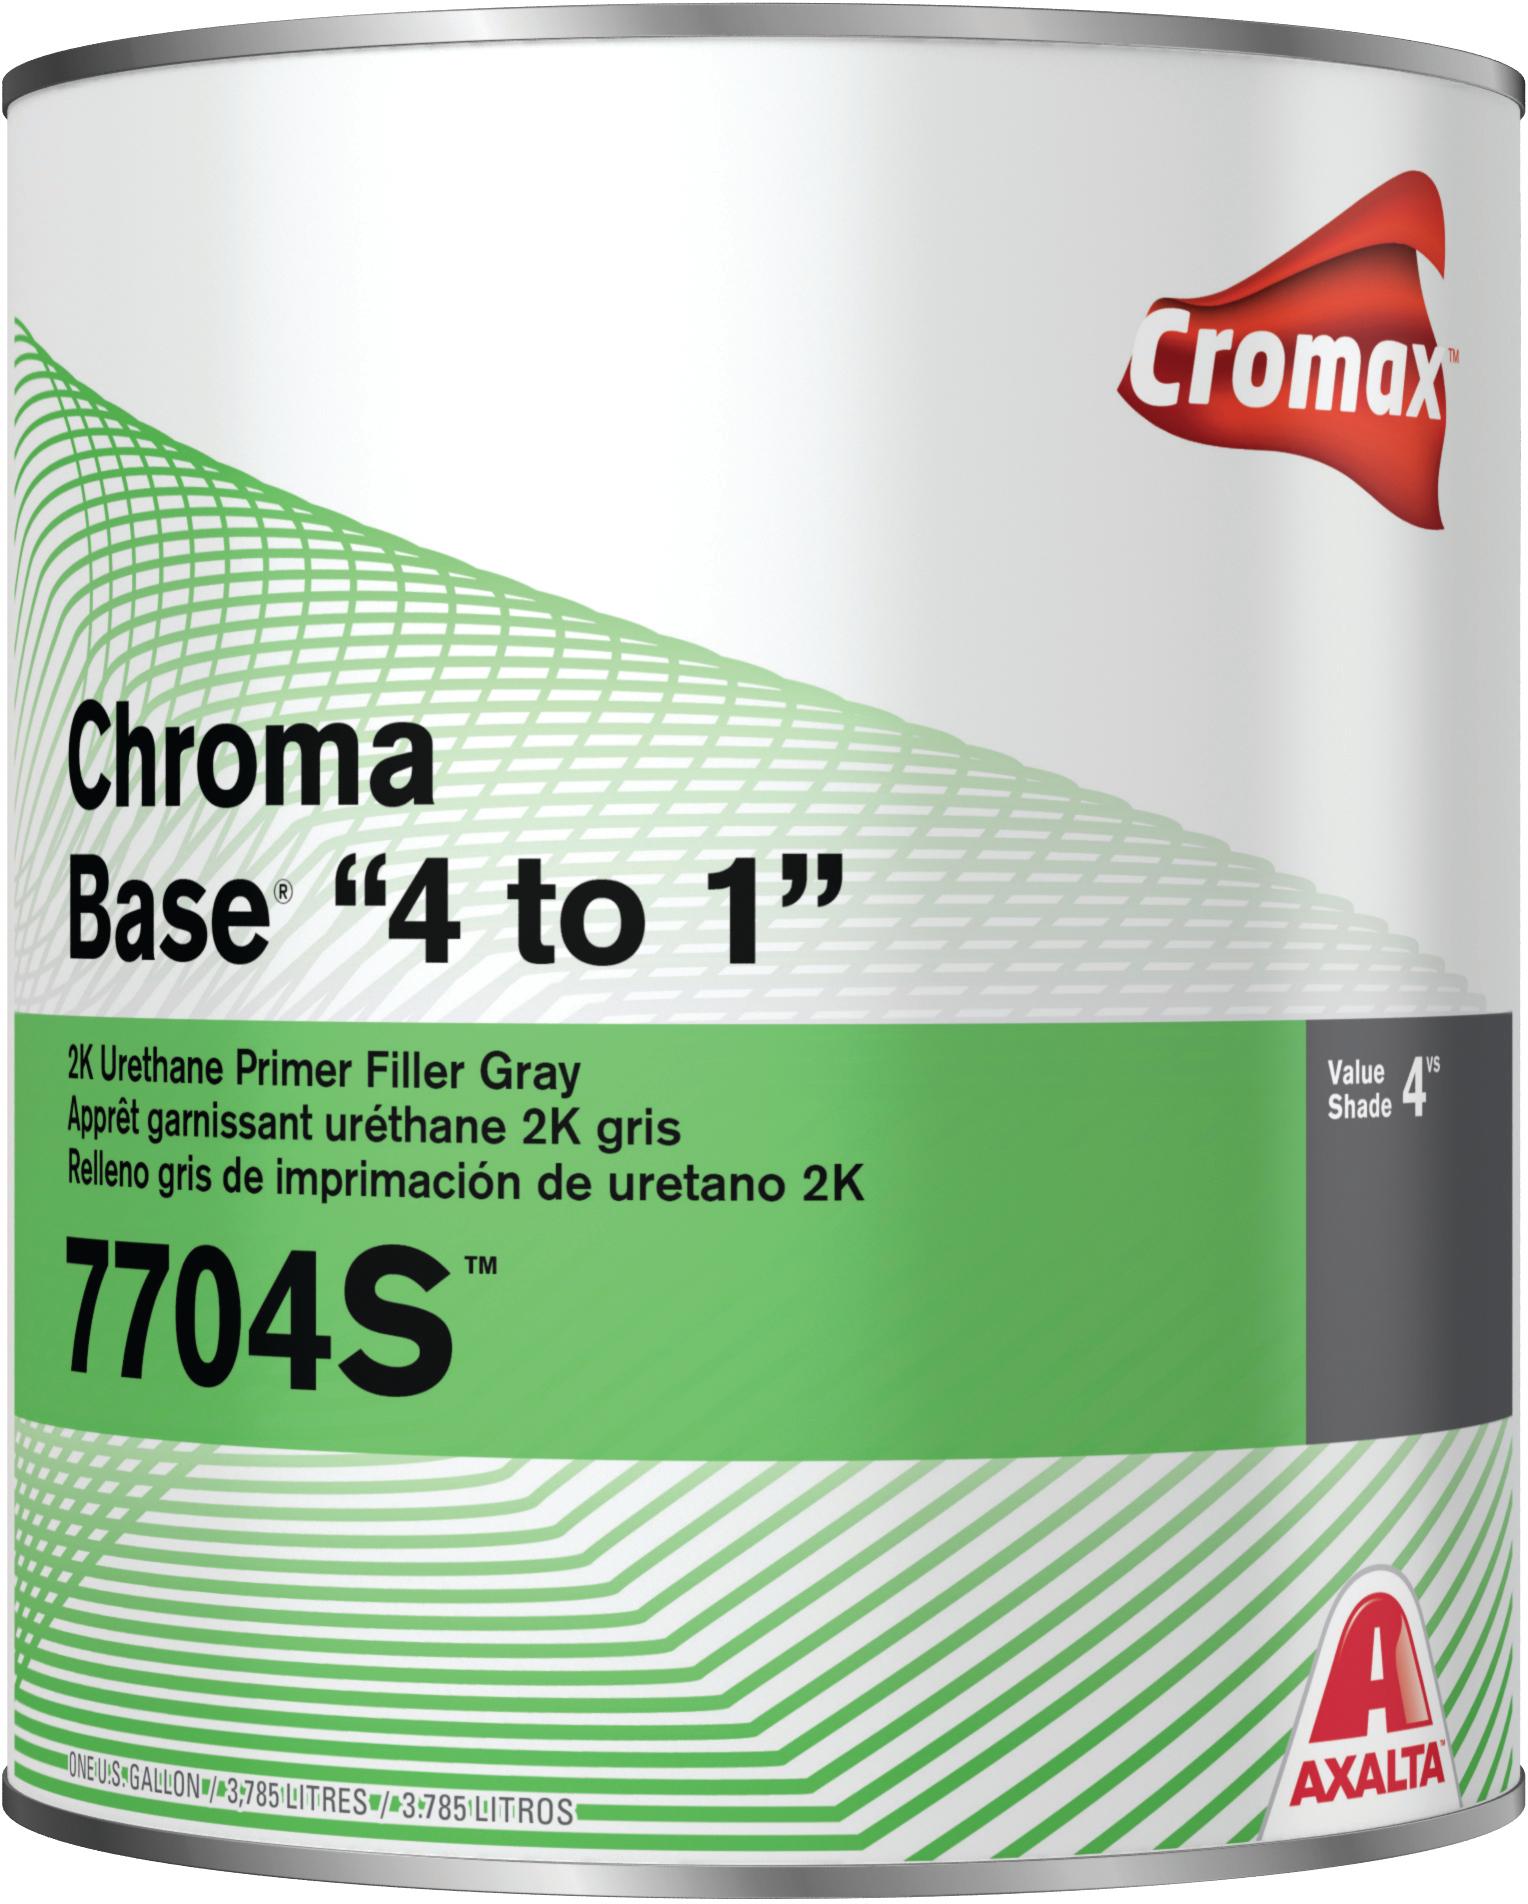 Dupont 2k Urethane Primer Filler Gallon